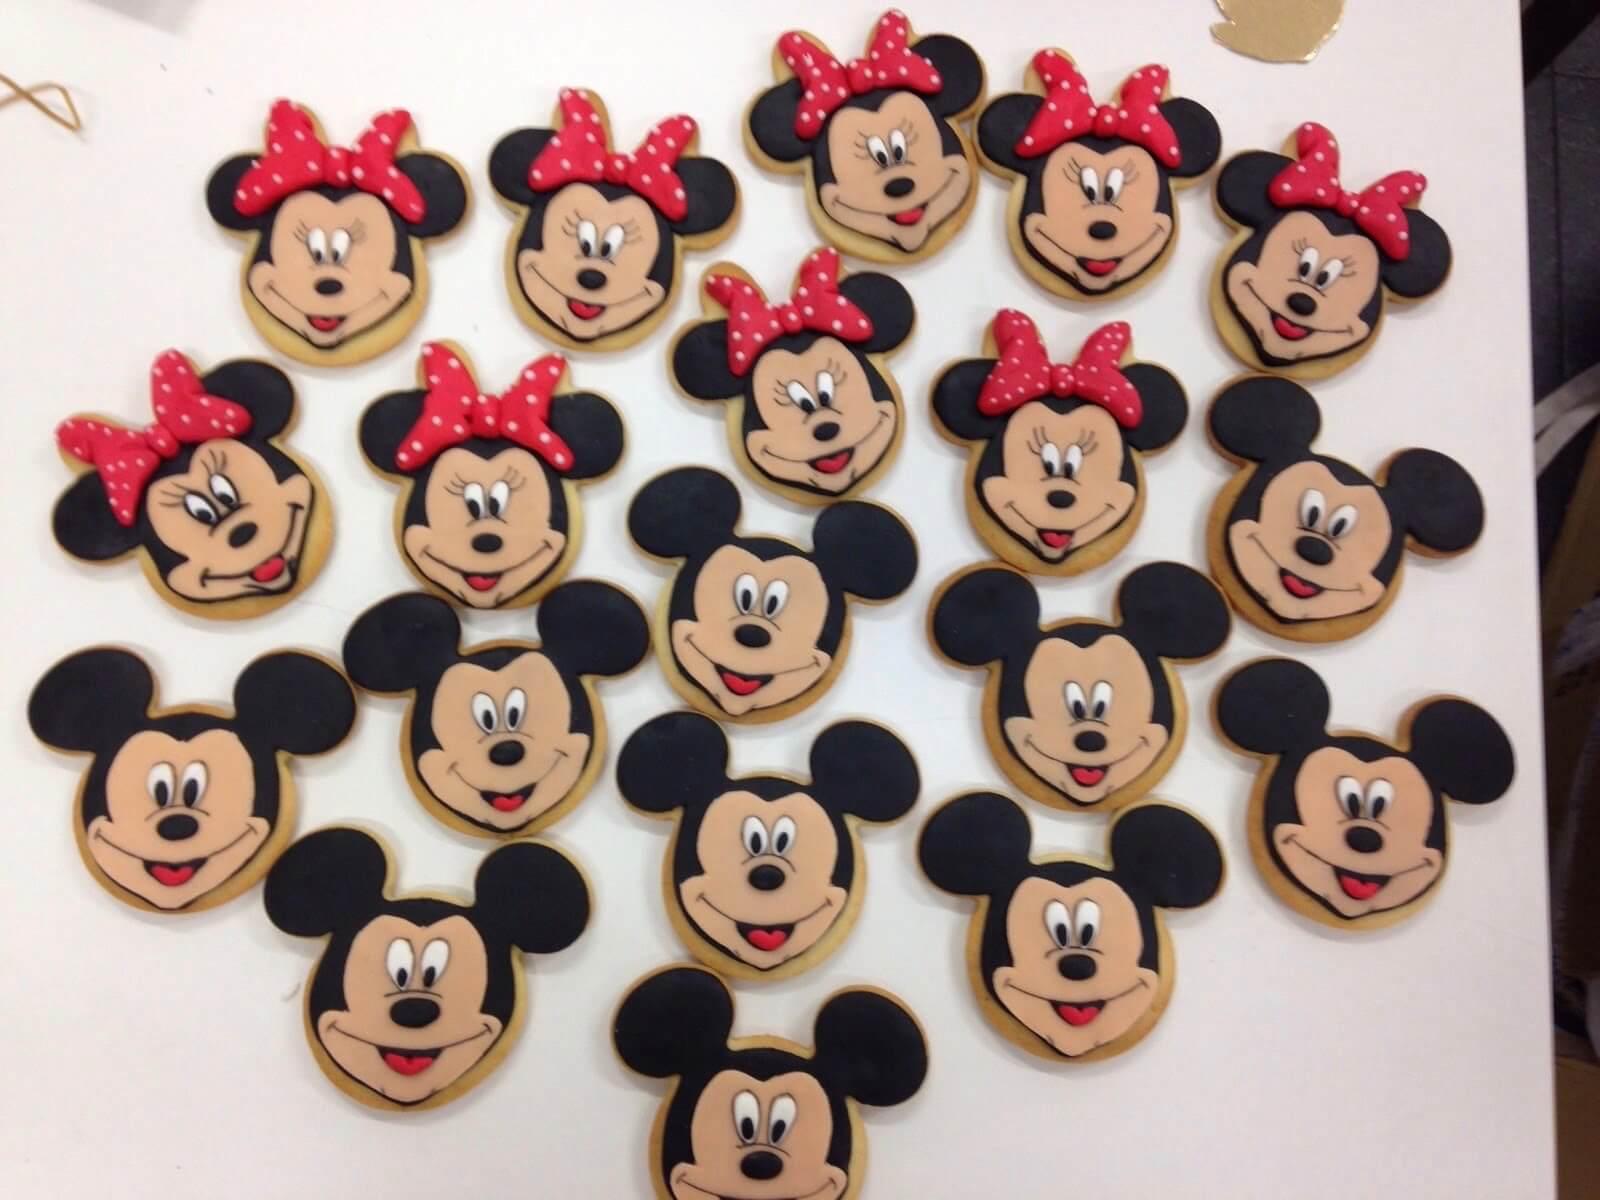 Galletas decoradas personalizadas Mickey  Minnie coruña